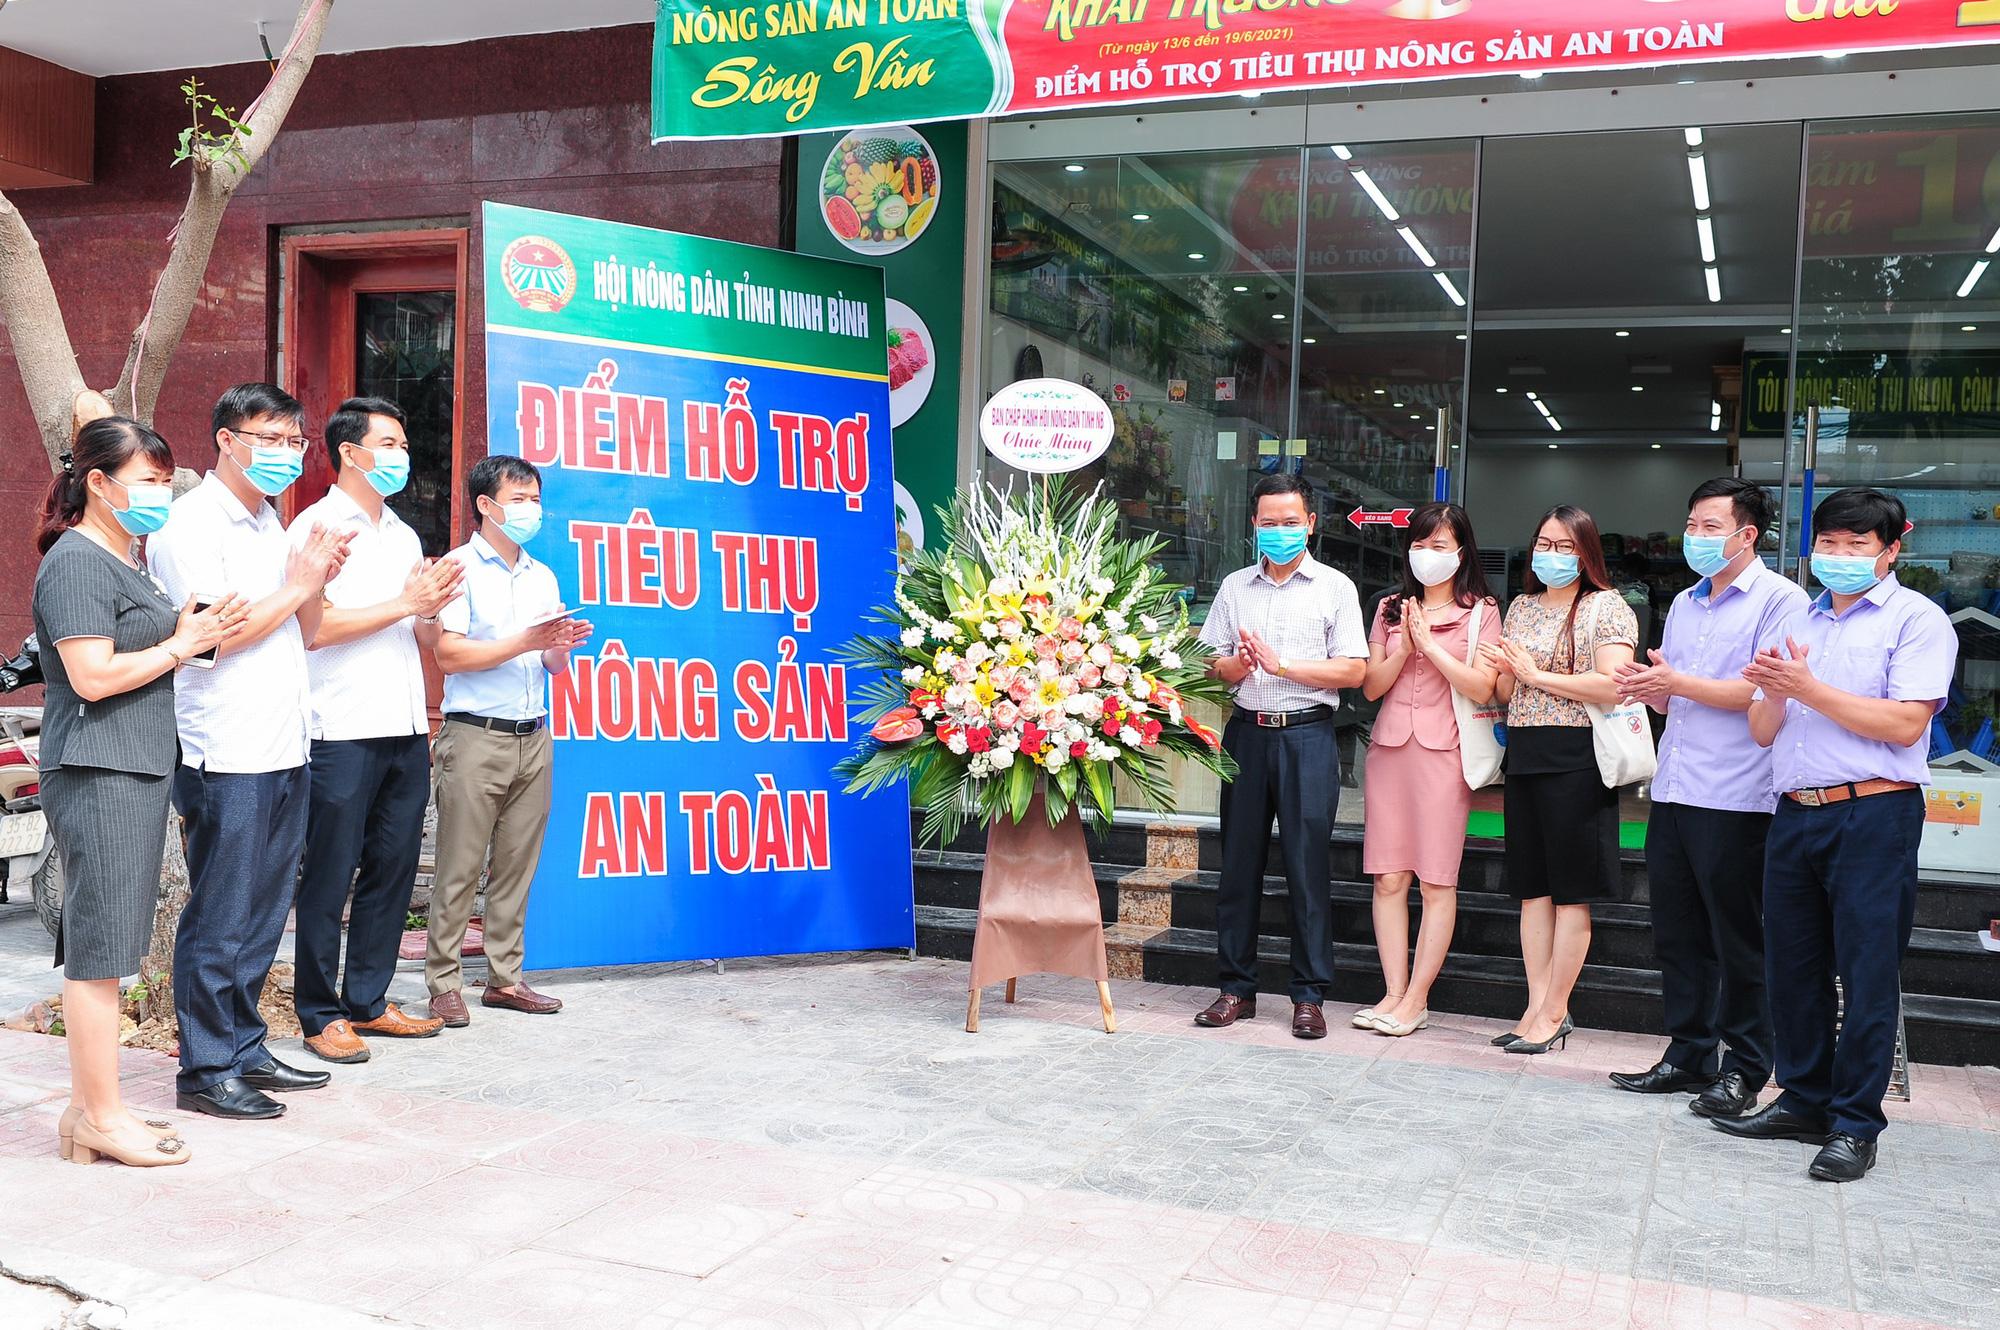 Ninh Bình: Hội Nông dân tỉnh kết nối tiêu thụ nông sản trong mùa dịch cho nông dân.  - Ảnh 1.